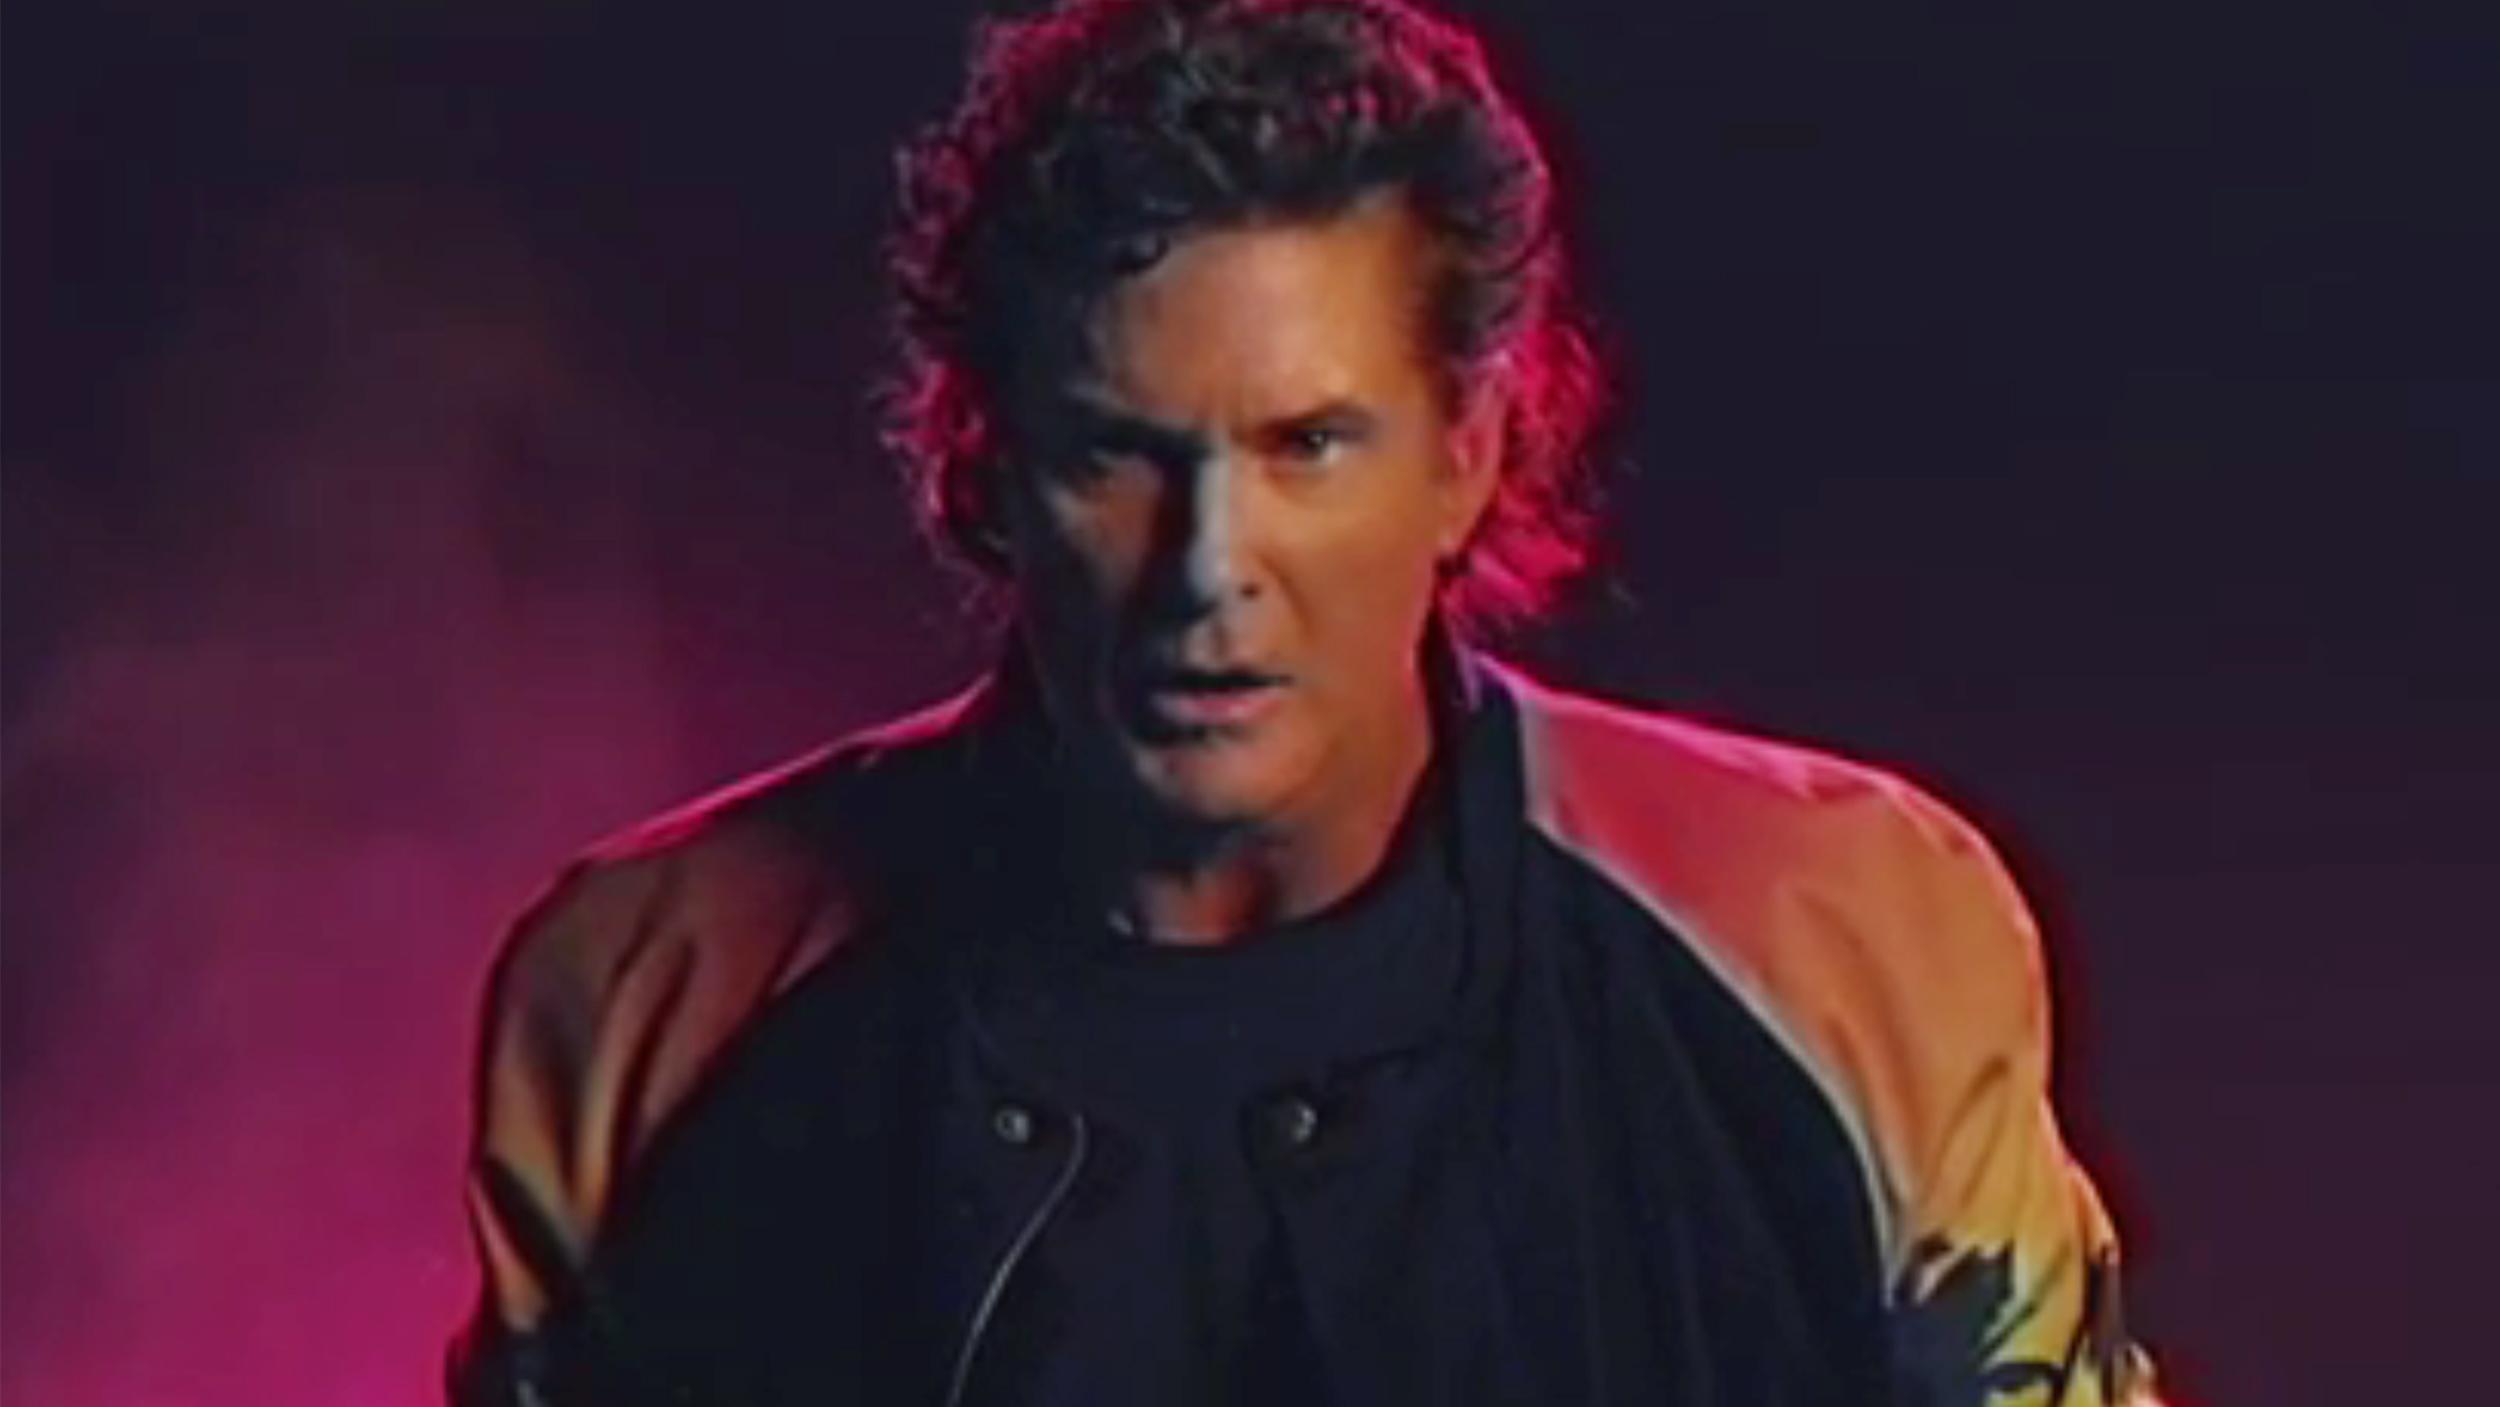 David Hasselhoff sings 'True Survivor' in kooky music ...